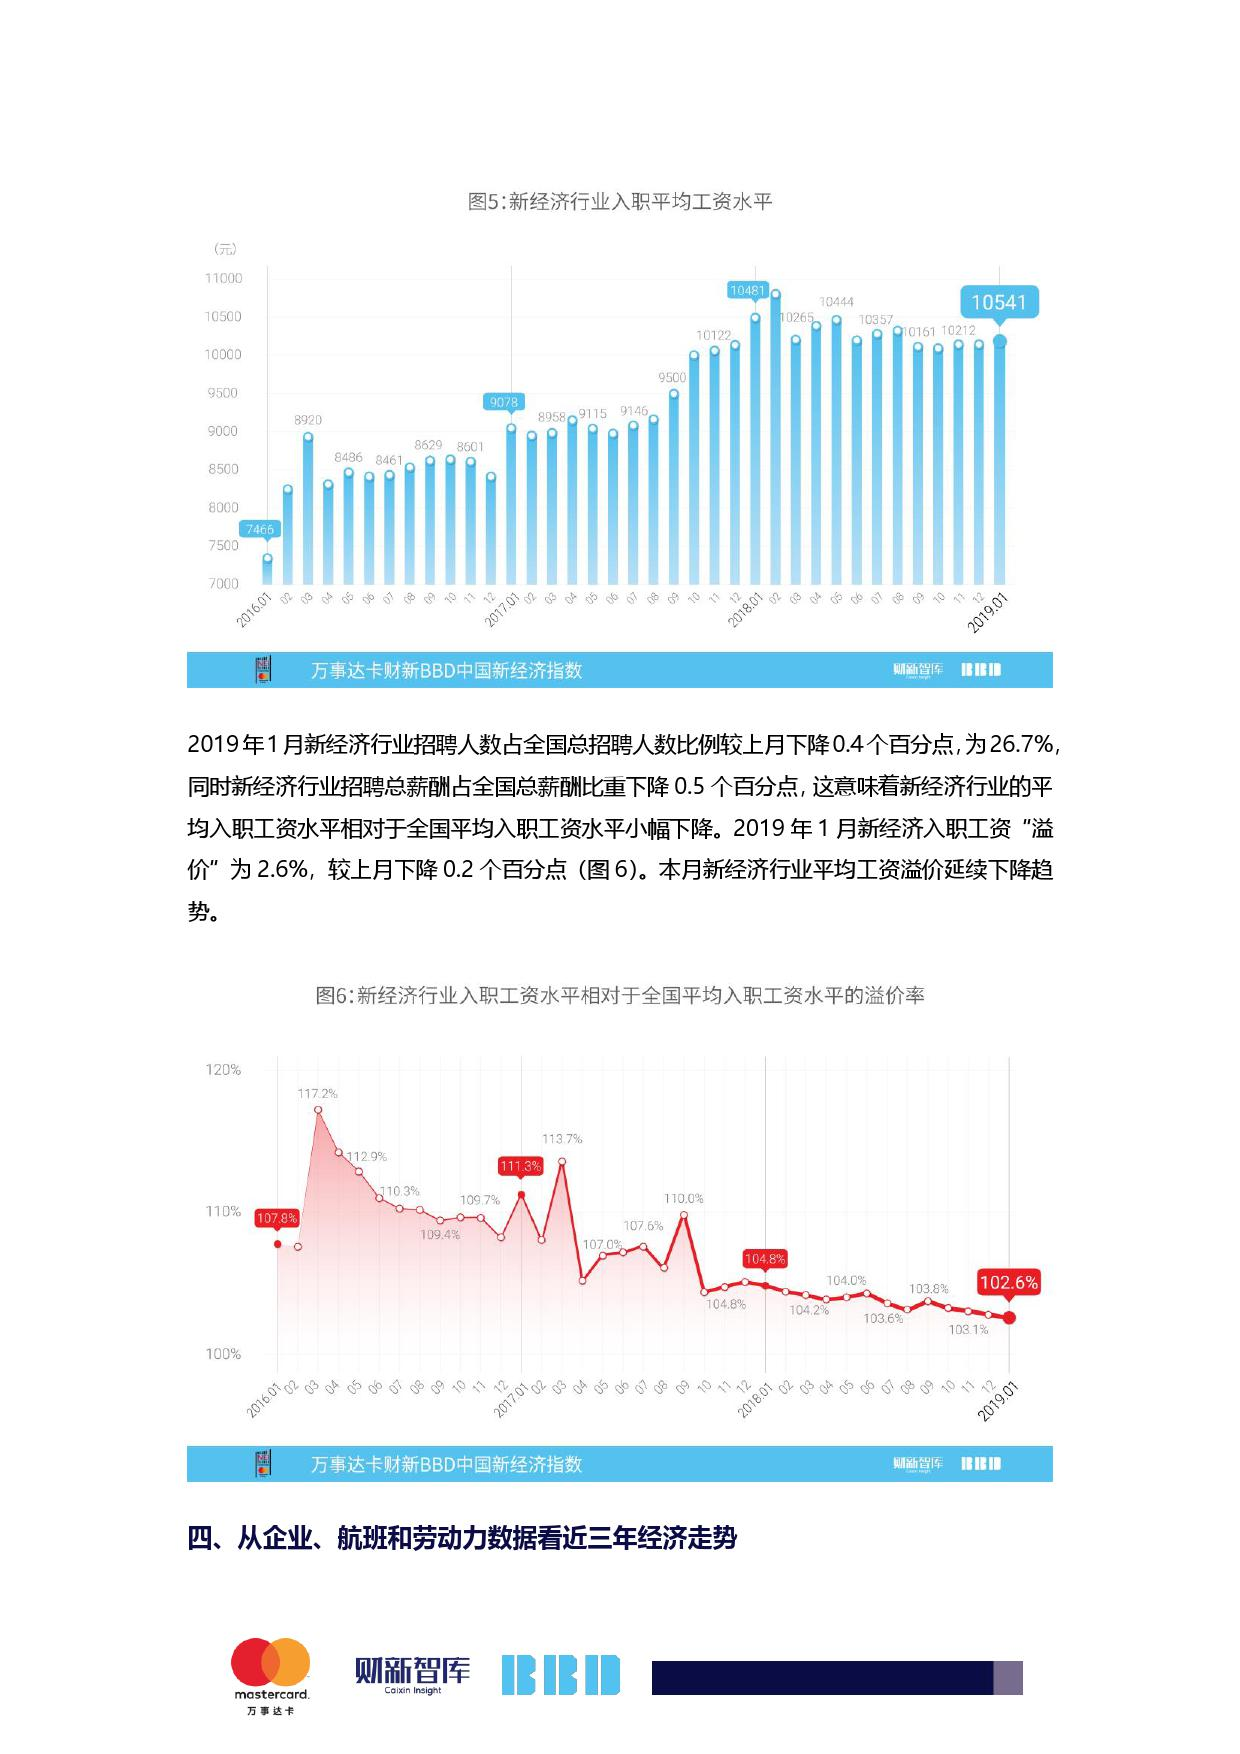 2019 中国经济转型_2019 中国经济转型调整最为关键之年 希望与挑战并存